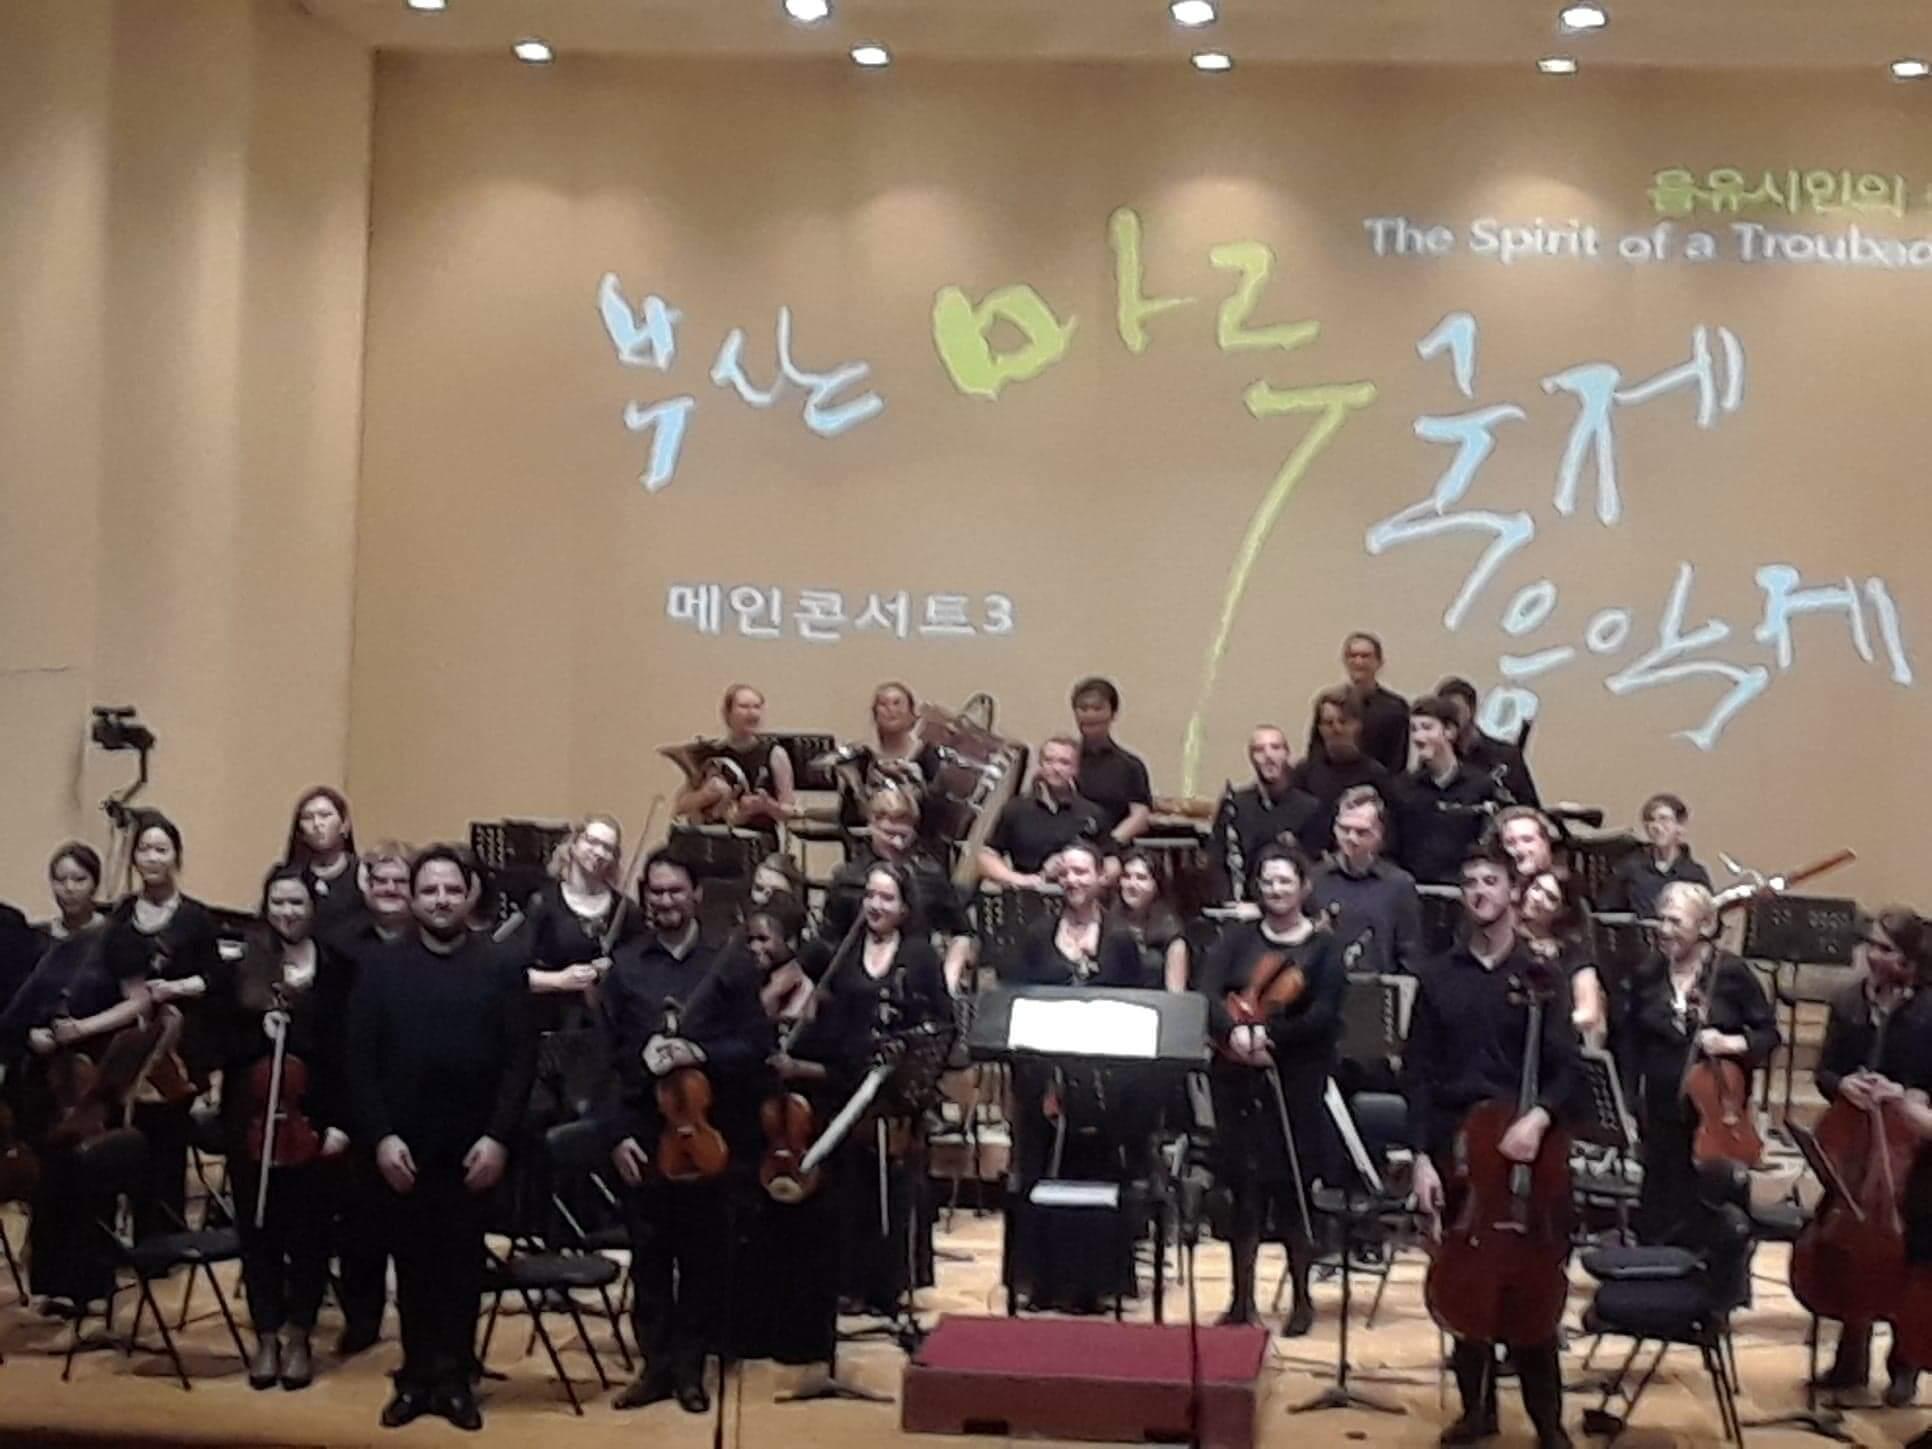 L'Orchestre de la Francophonie en concert à Busan, en Corée, septembre 2018. (Photo: Caroline Rodgers)